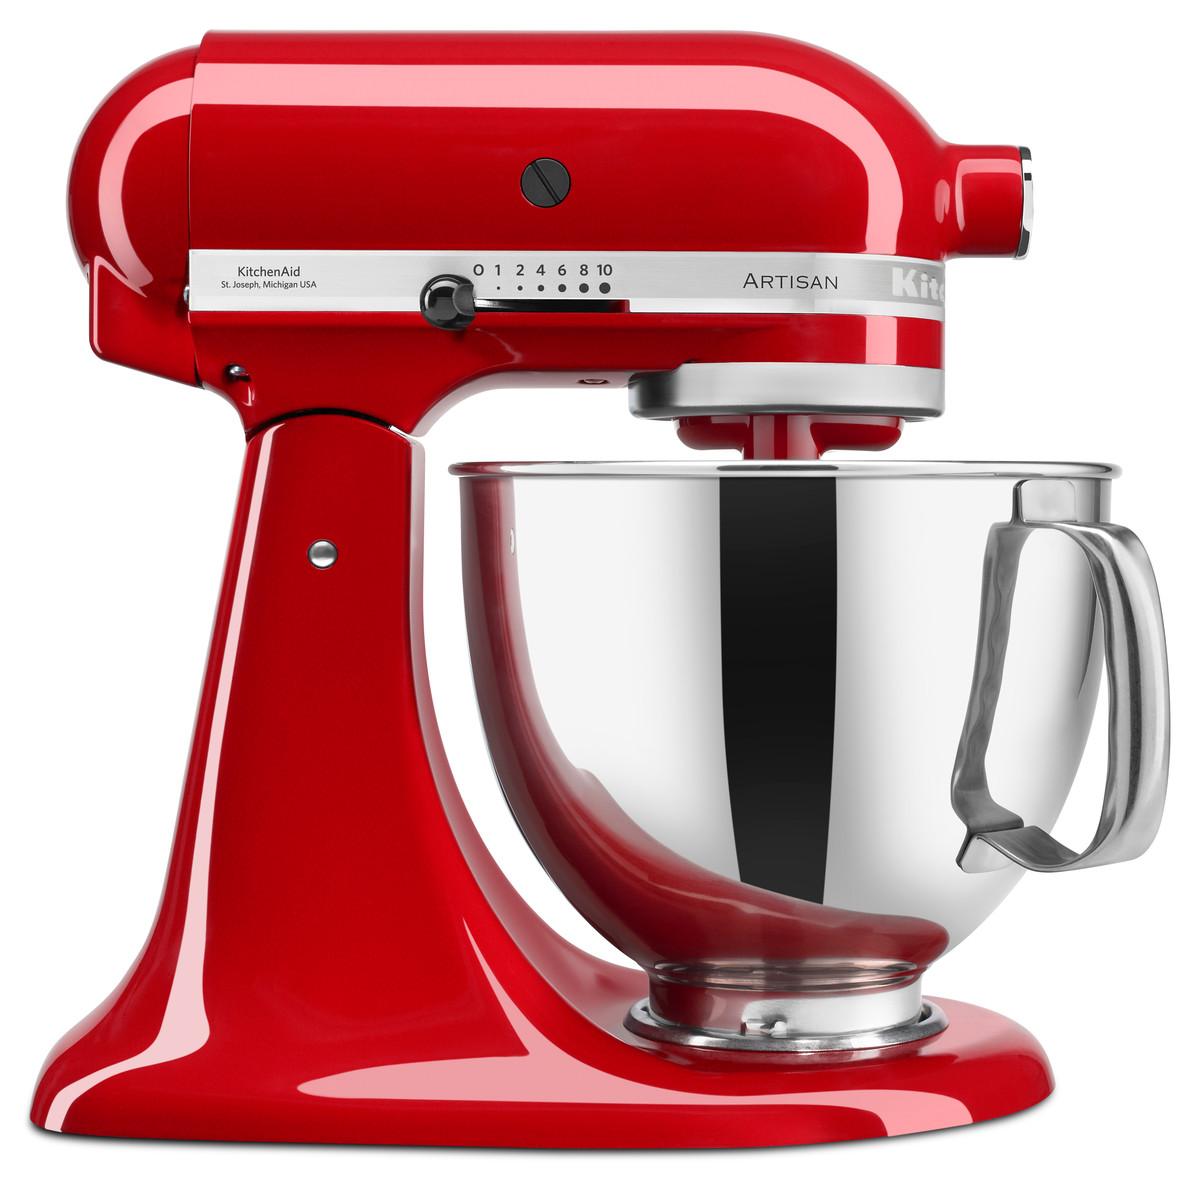 Kitchenaid Kuchenmaschine Test Kuchenmaschine Testsieger 1001kuche